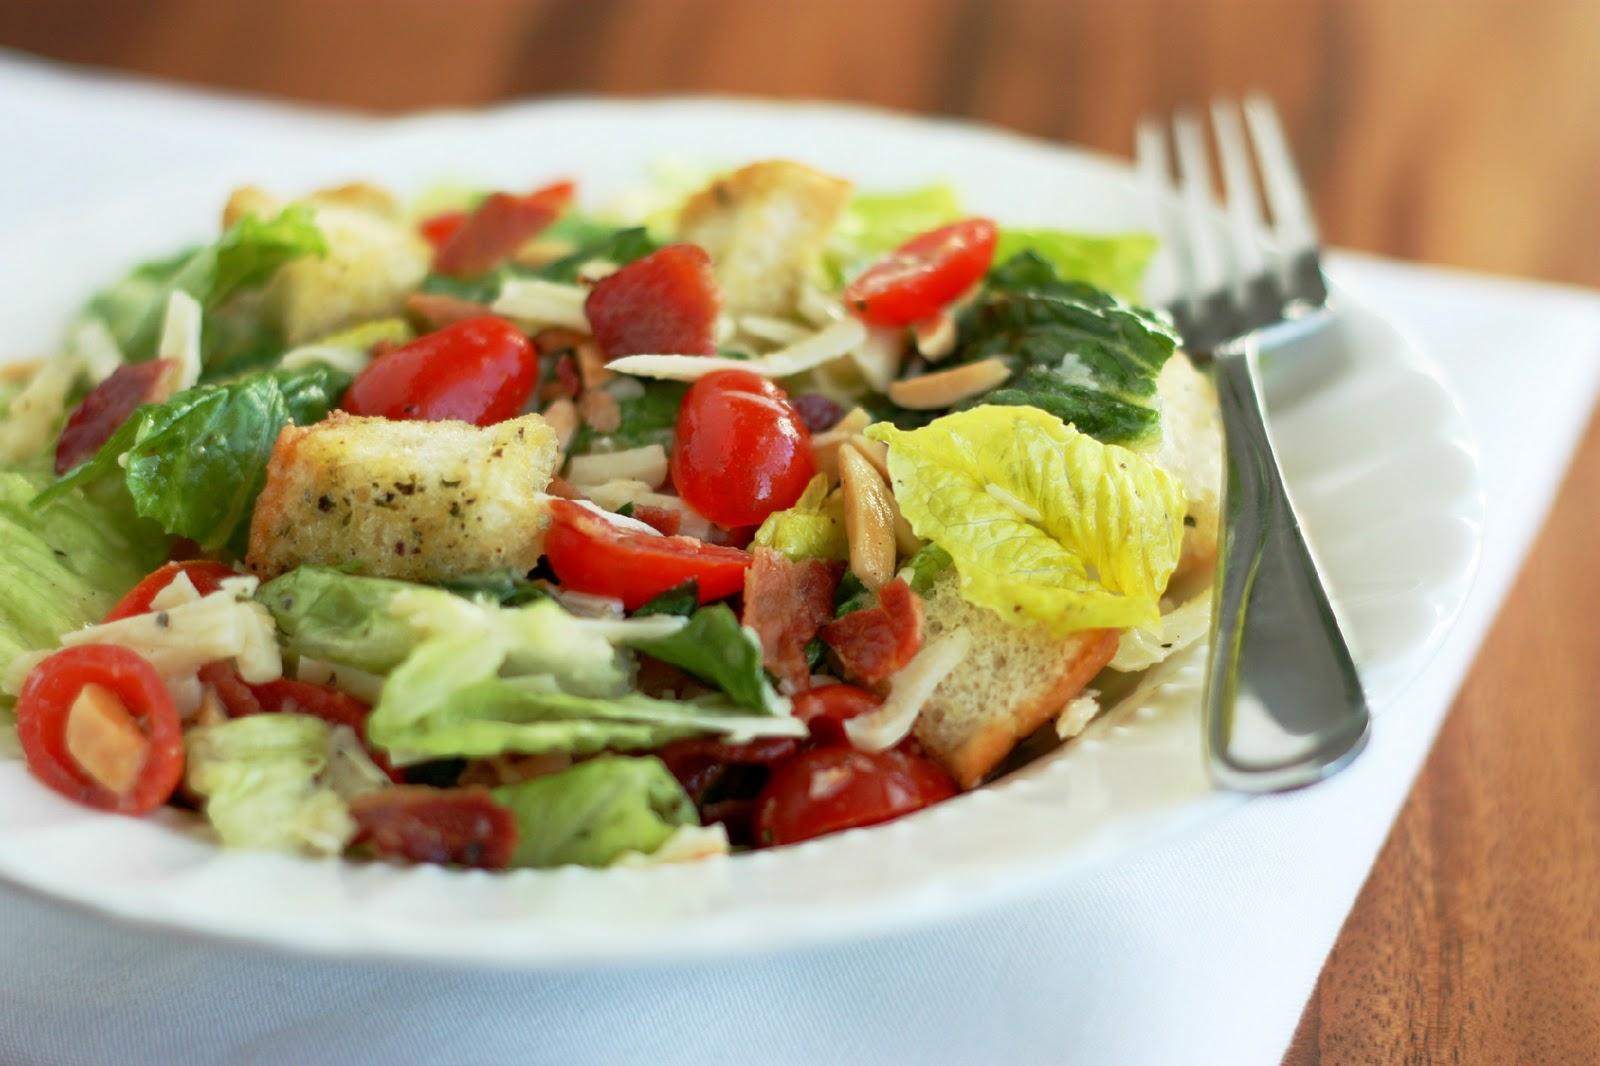 Toss Green Salad